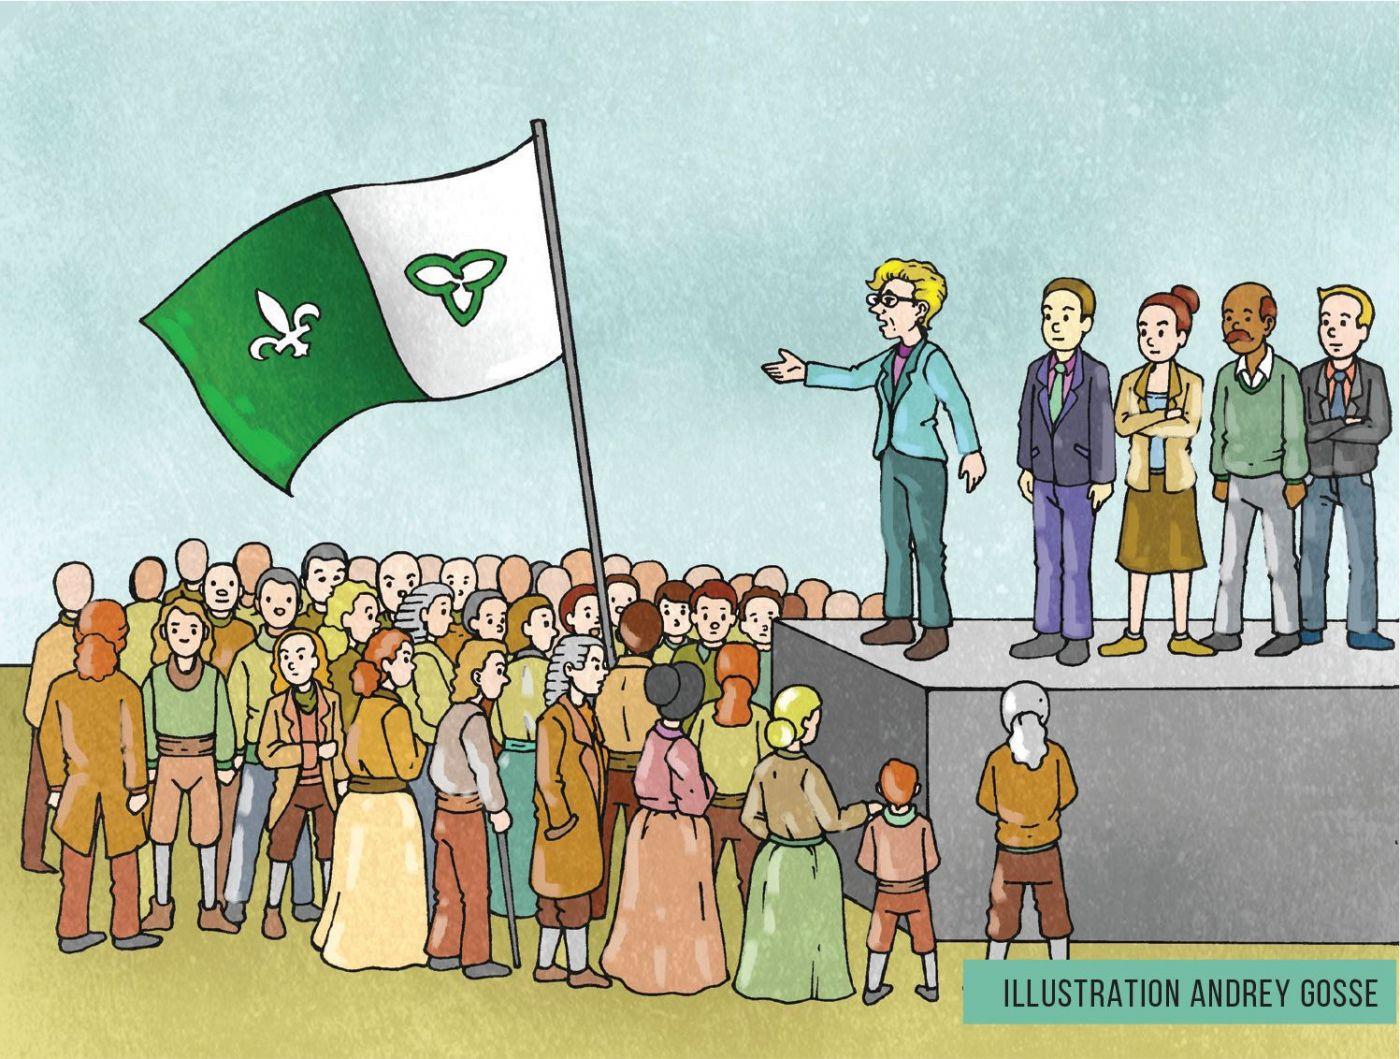 Dessin en couleur, fait à l'ordinateur, d'une foule brandissant un grand drapeau franco-ontarien. Debout sur une scène, une oratrice blonde en costume s'adresse à la foule. Elle est accompagnée de deux hommes blancs, d'un homme noir et d'une femme blanche.